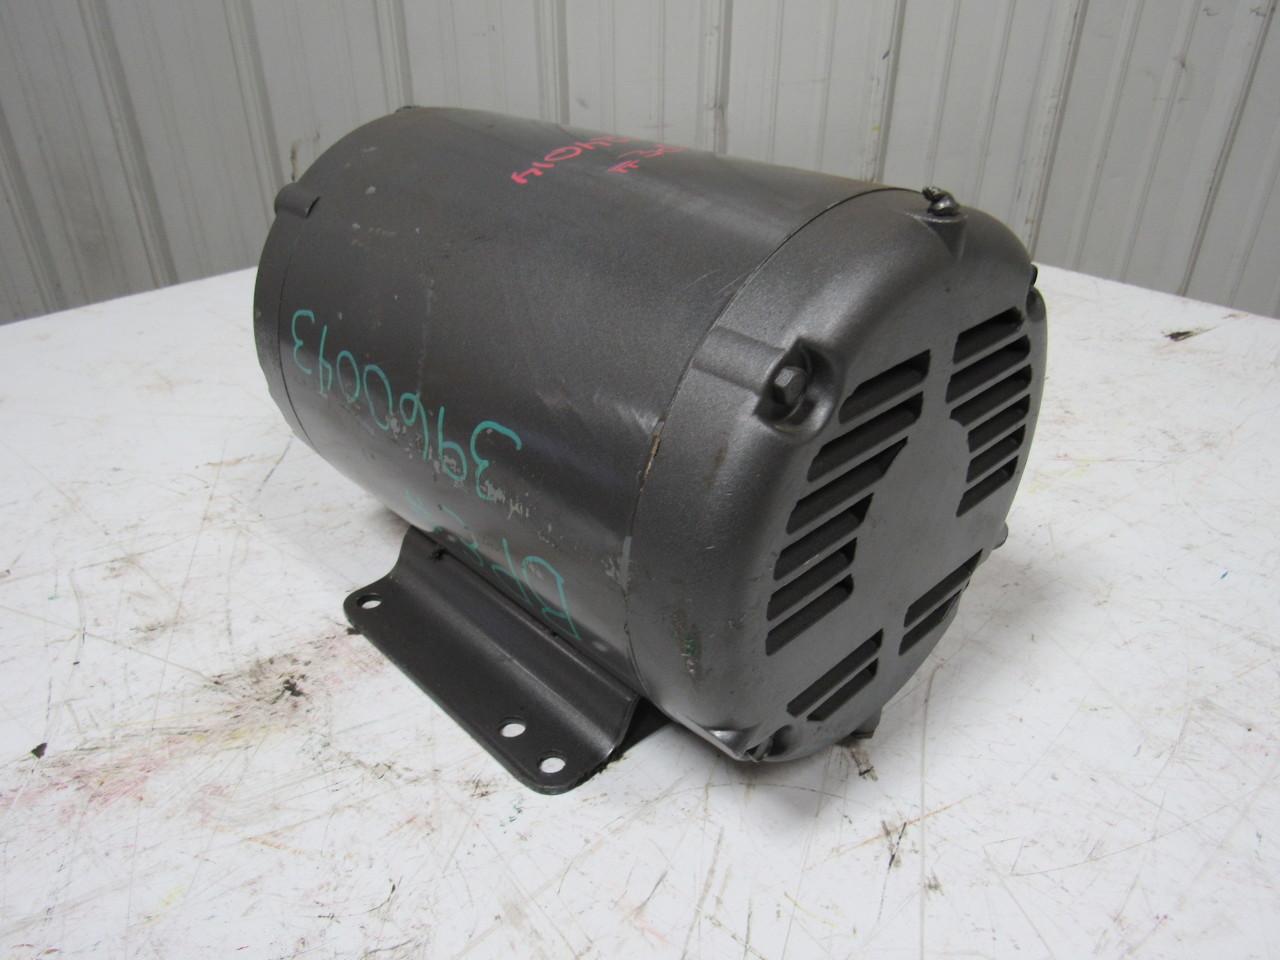 Baldor Jmm3219t 7 1 2hp 3ph 3450 Rpm 208 230 460v Electric